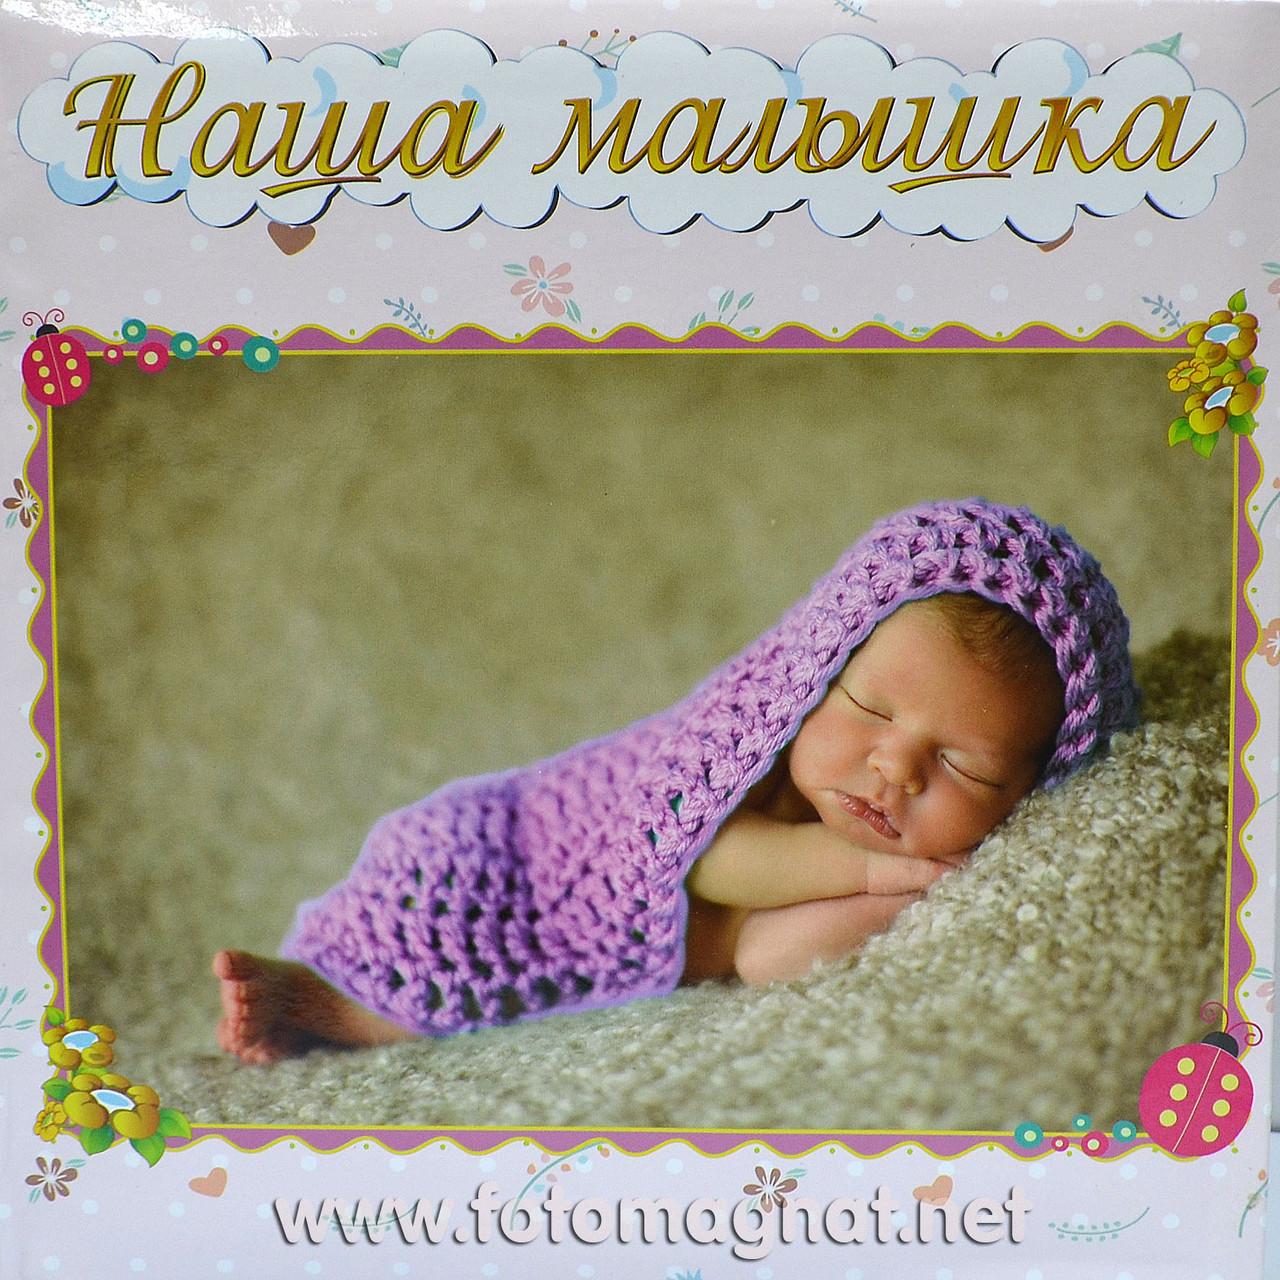 Фотоальбом Наша Маленька (дитячий альбом) 56/10х15 див. анкета російською мовою